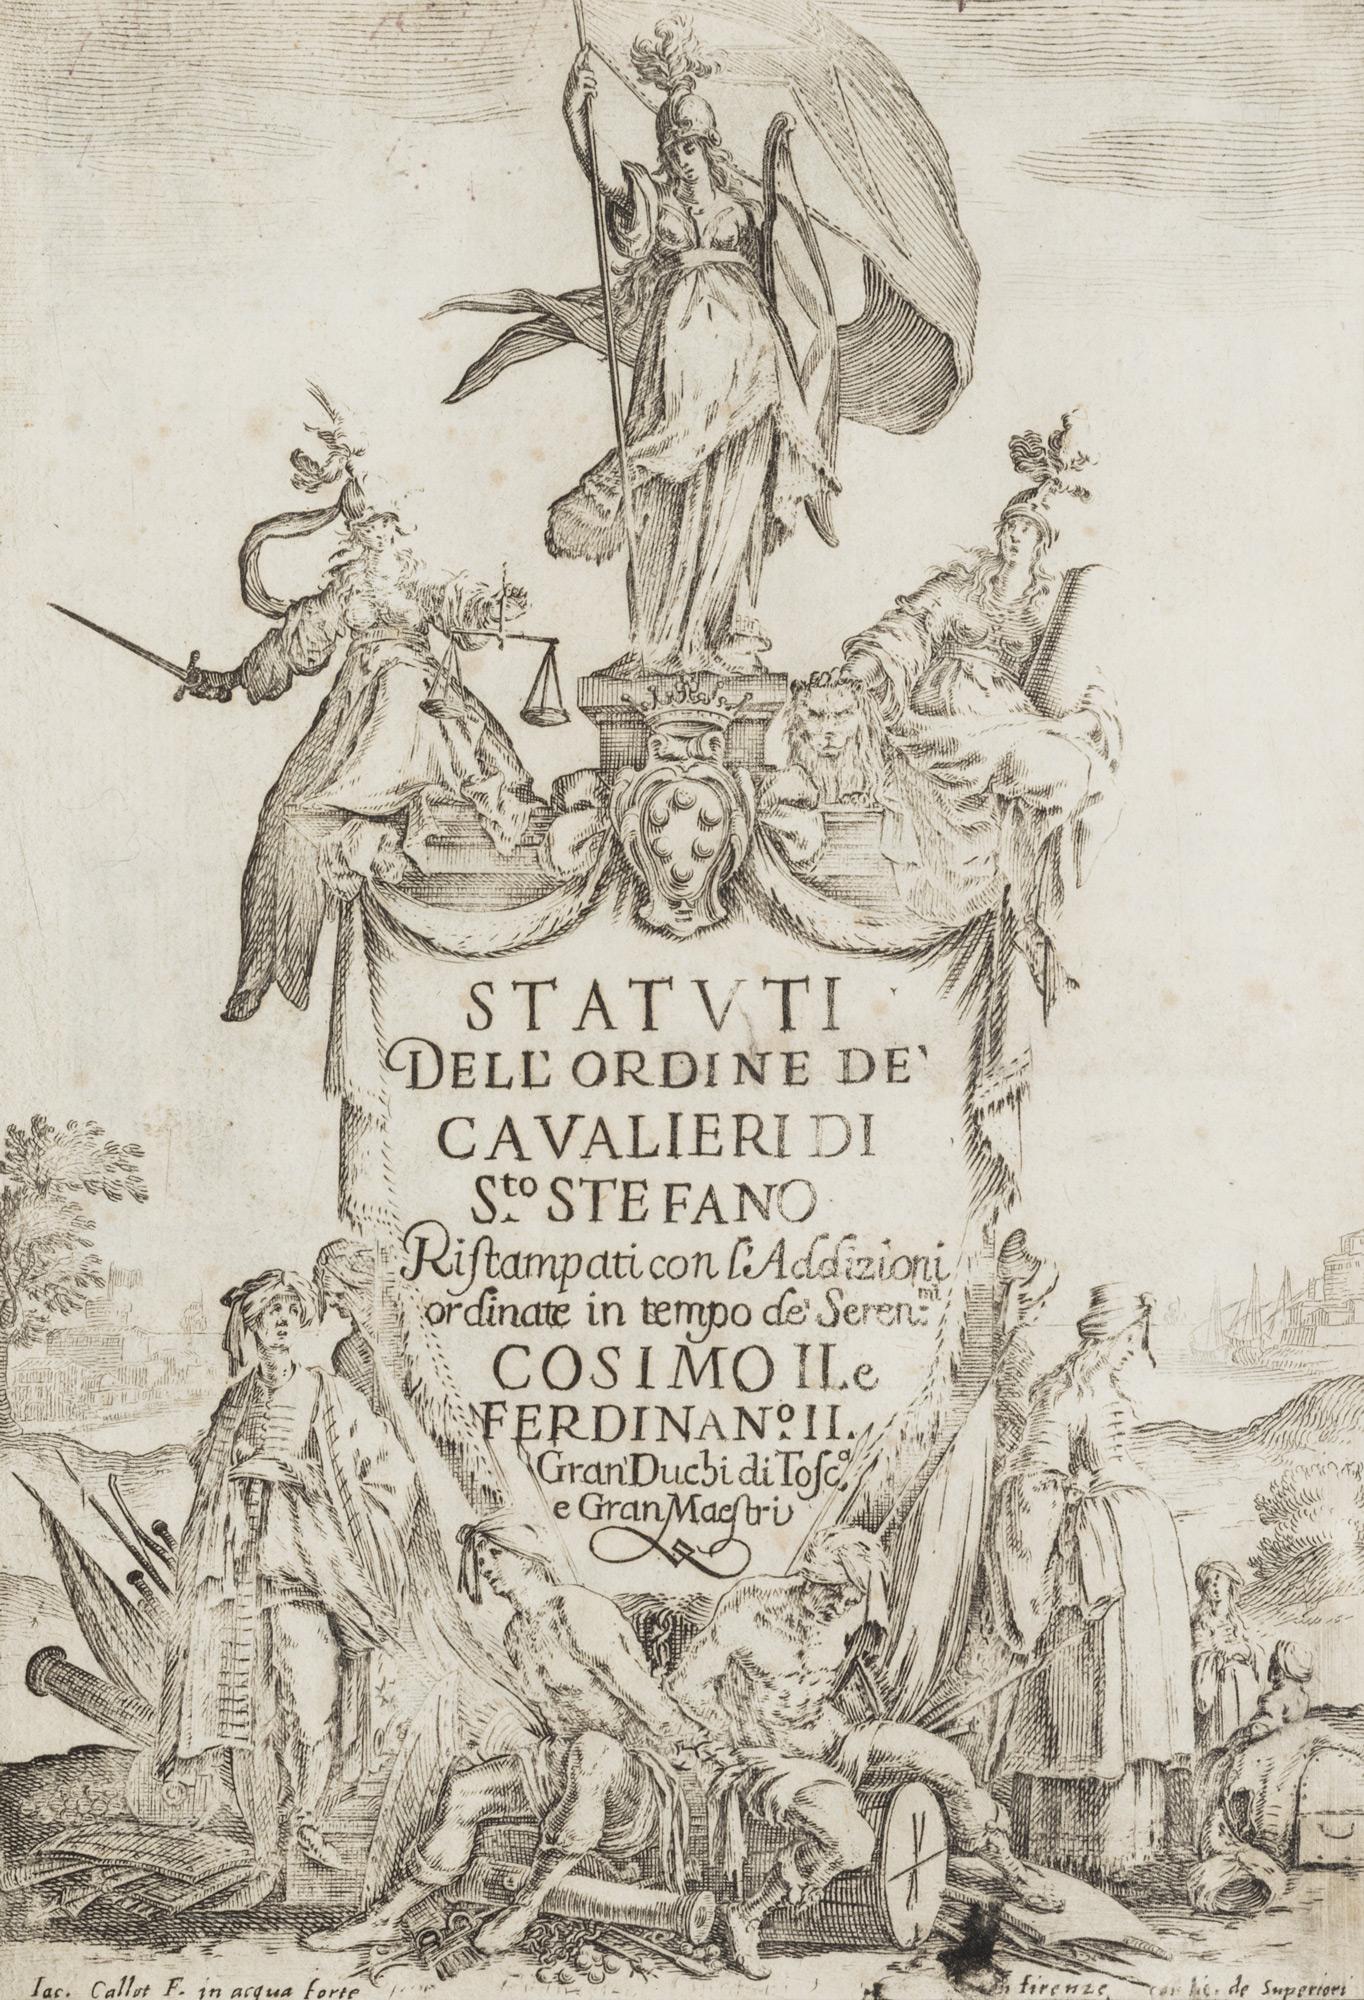 Statuti dell'ordine de' Cavalieri di S.to Stefano ristampati con l'addizioni ordinate in tempo de' seren.mi Cosimo II e Ferdinando II gran' duchi di Toscana e Gran maestri